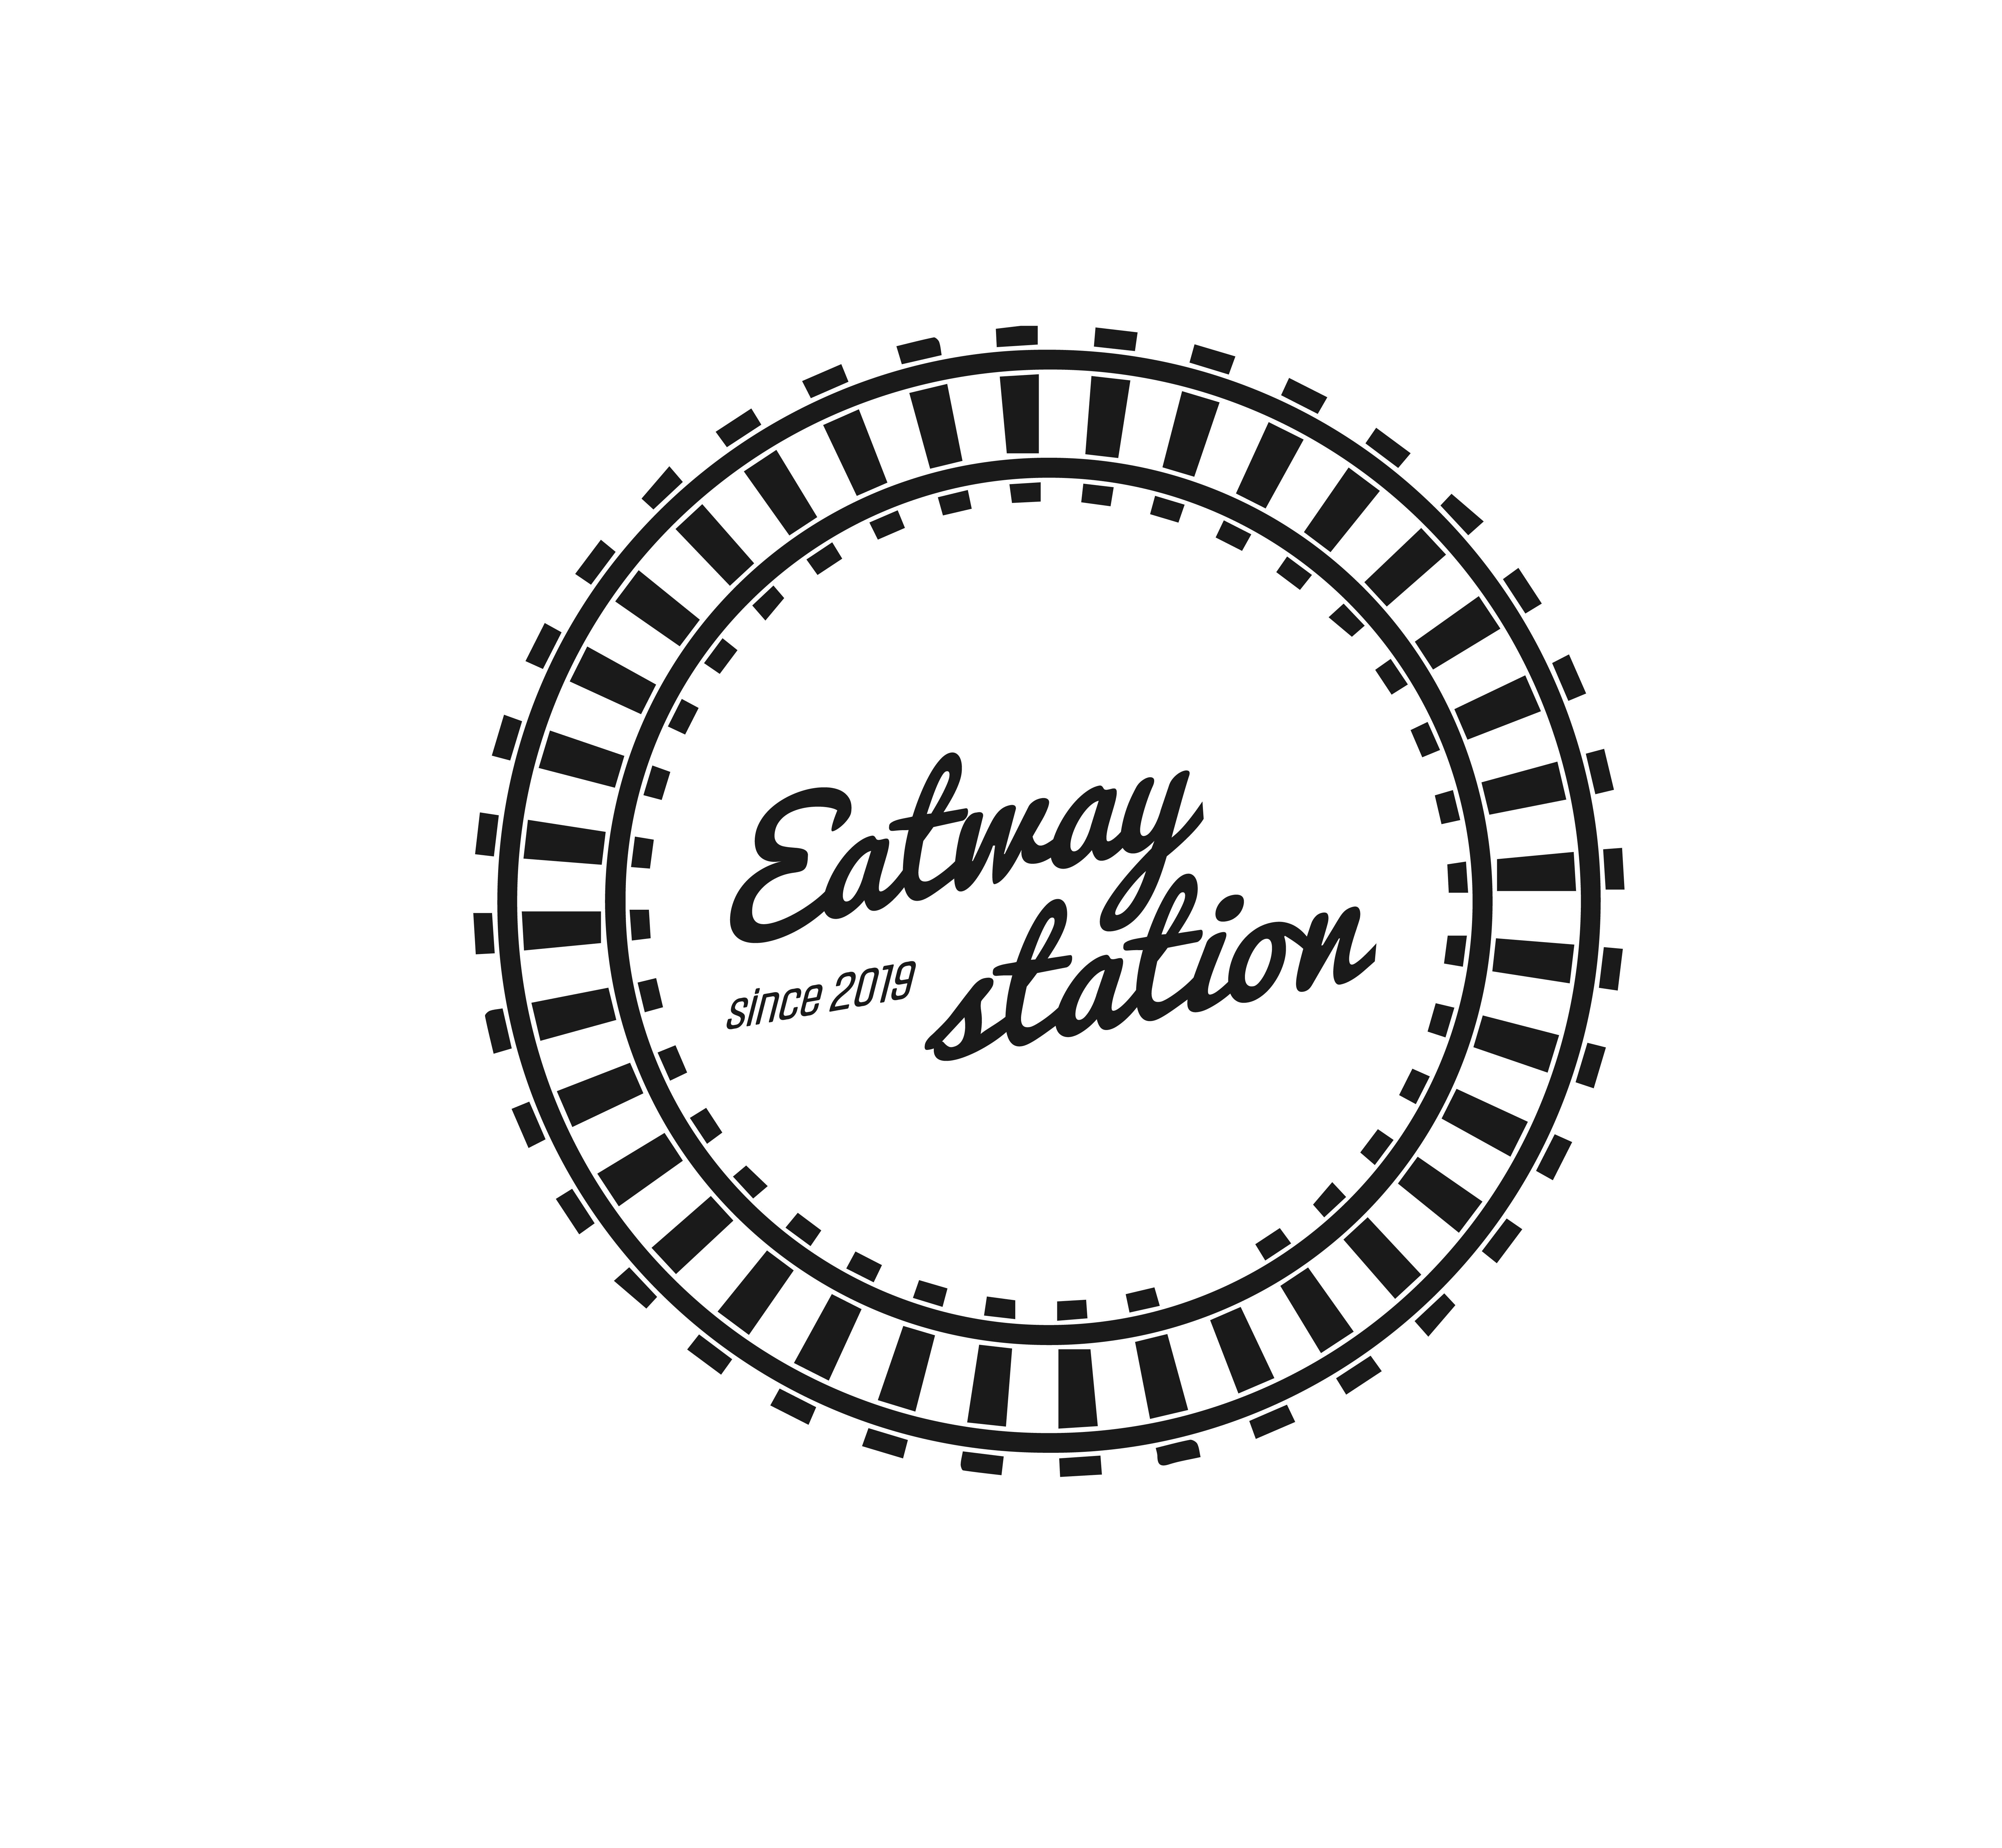 Eatway Station